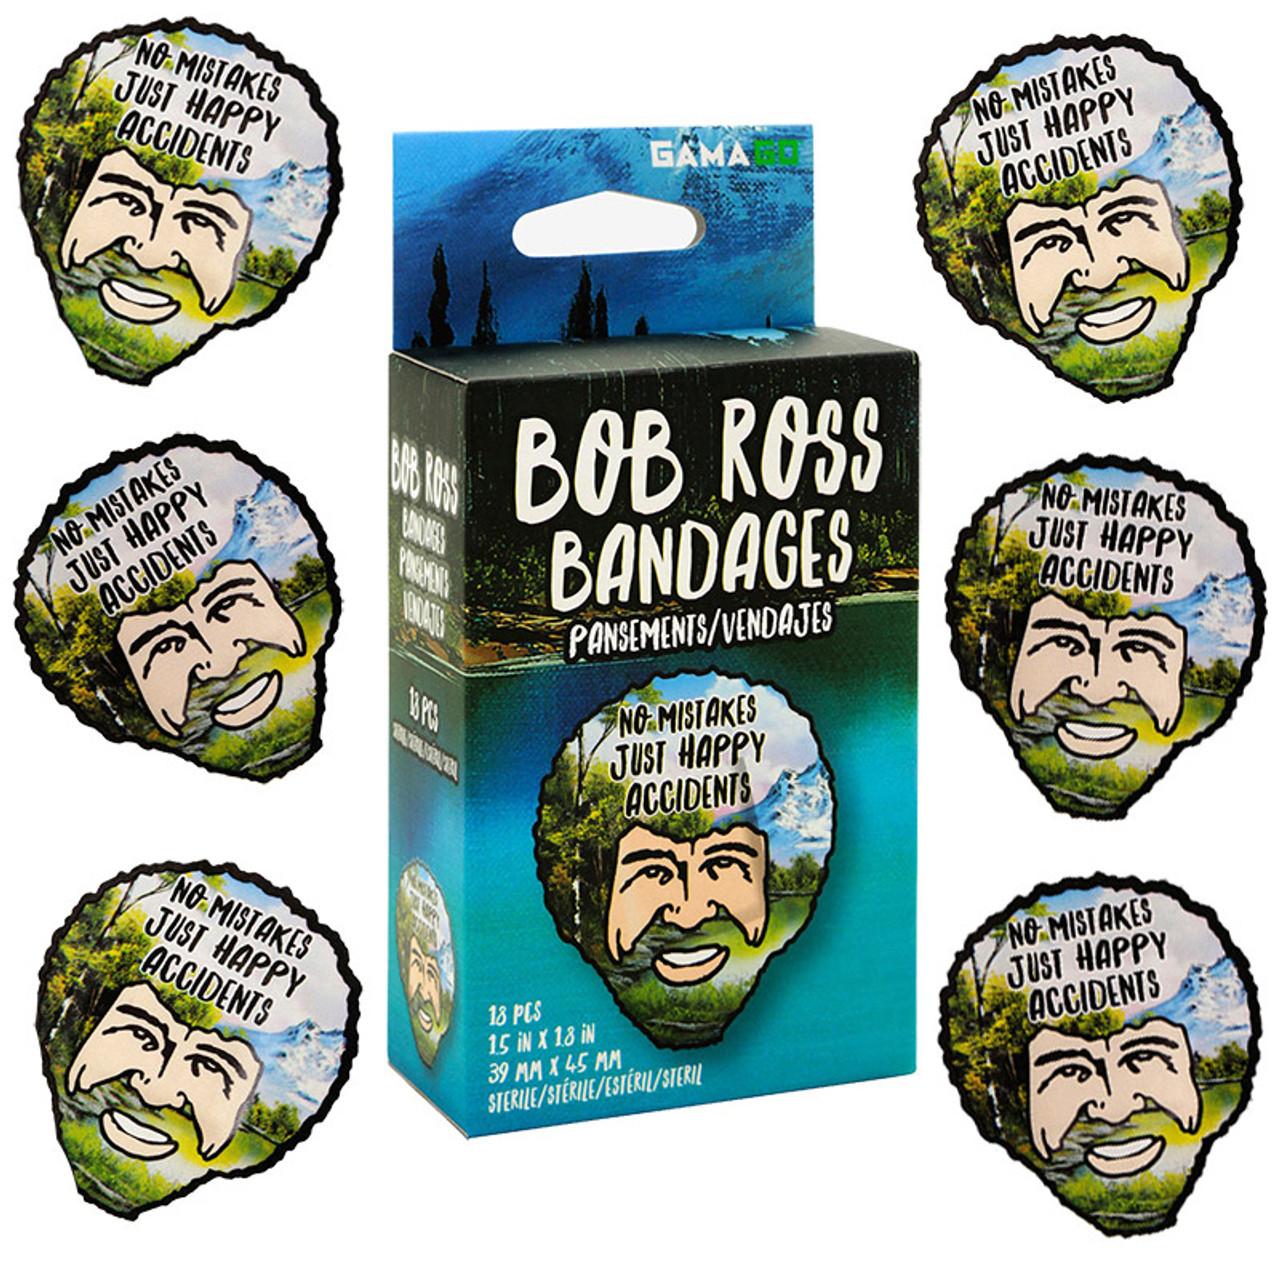 Bob Ross GamaGo Bandages